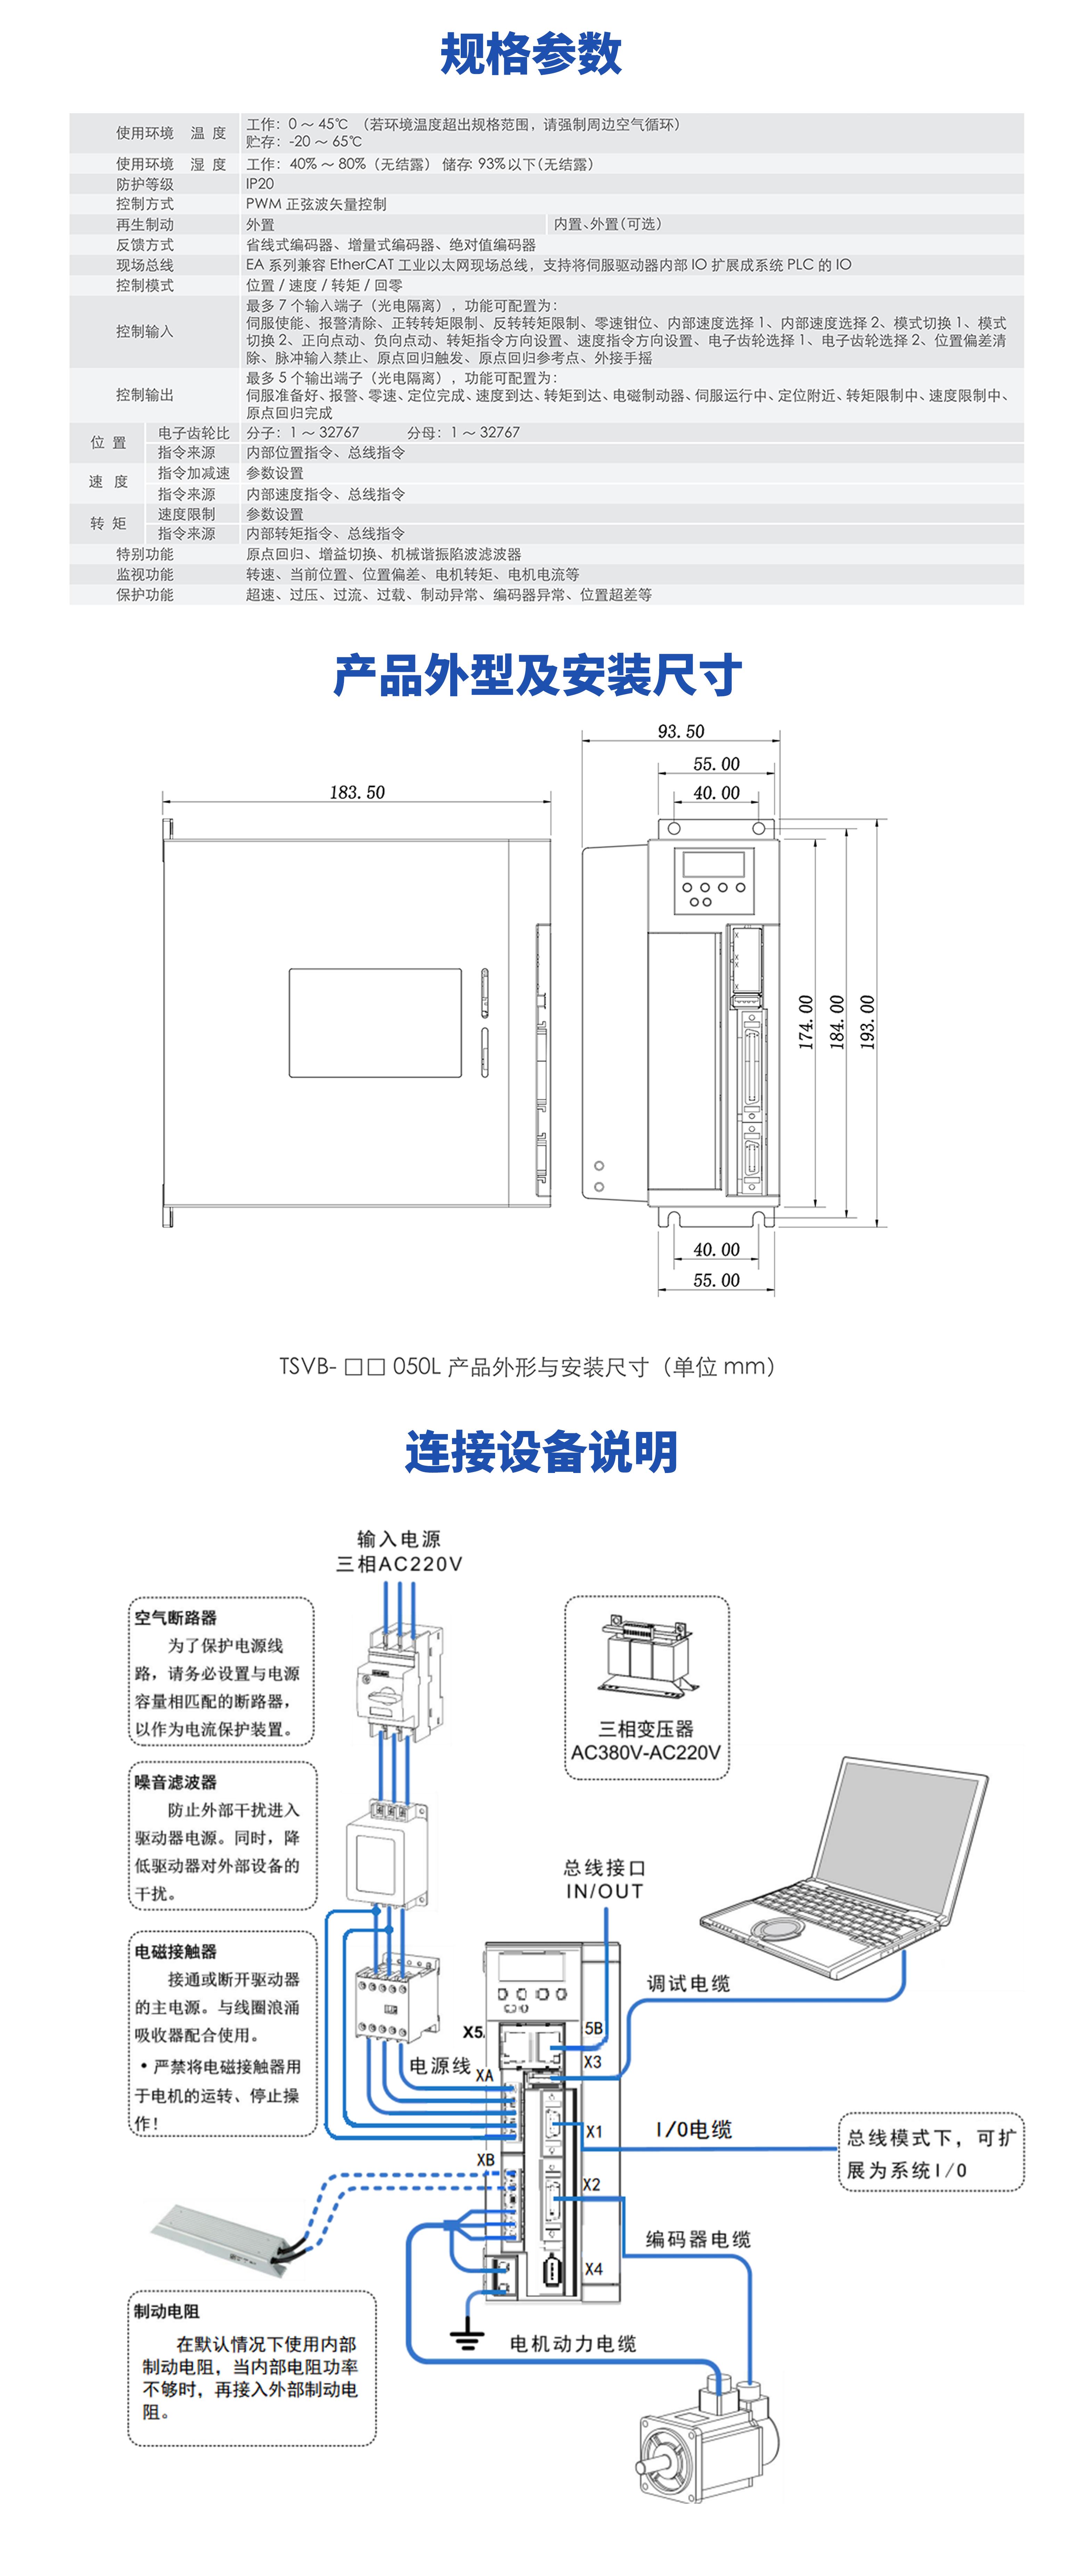 EA模板-050-2.jpg